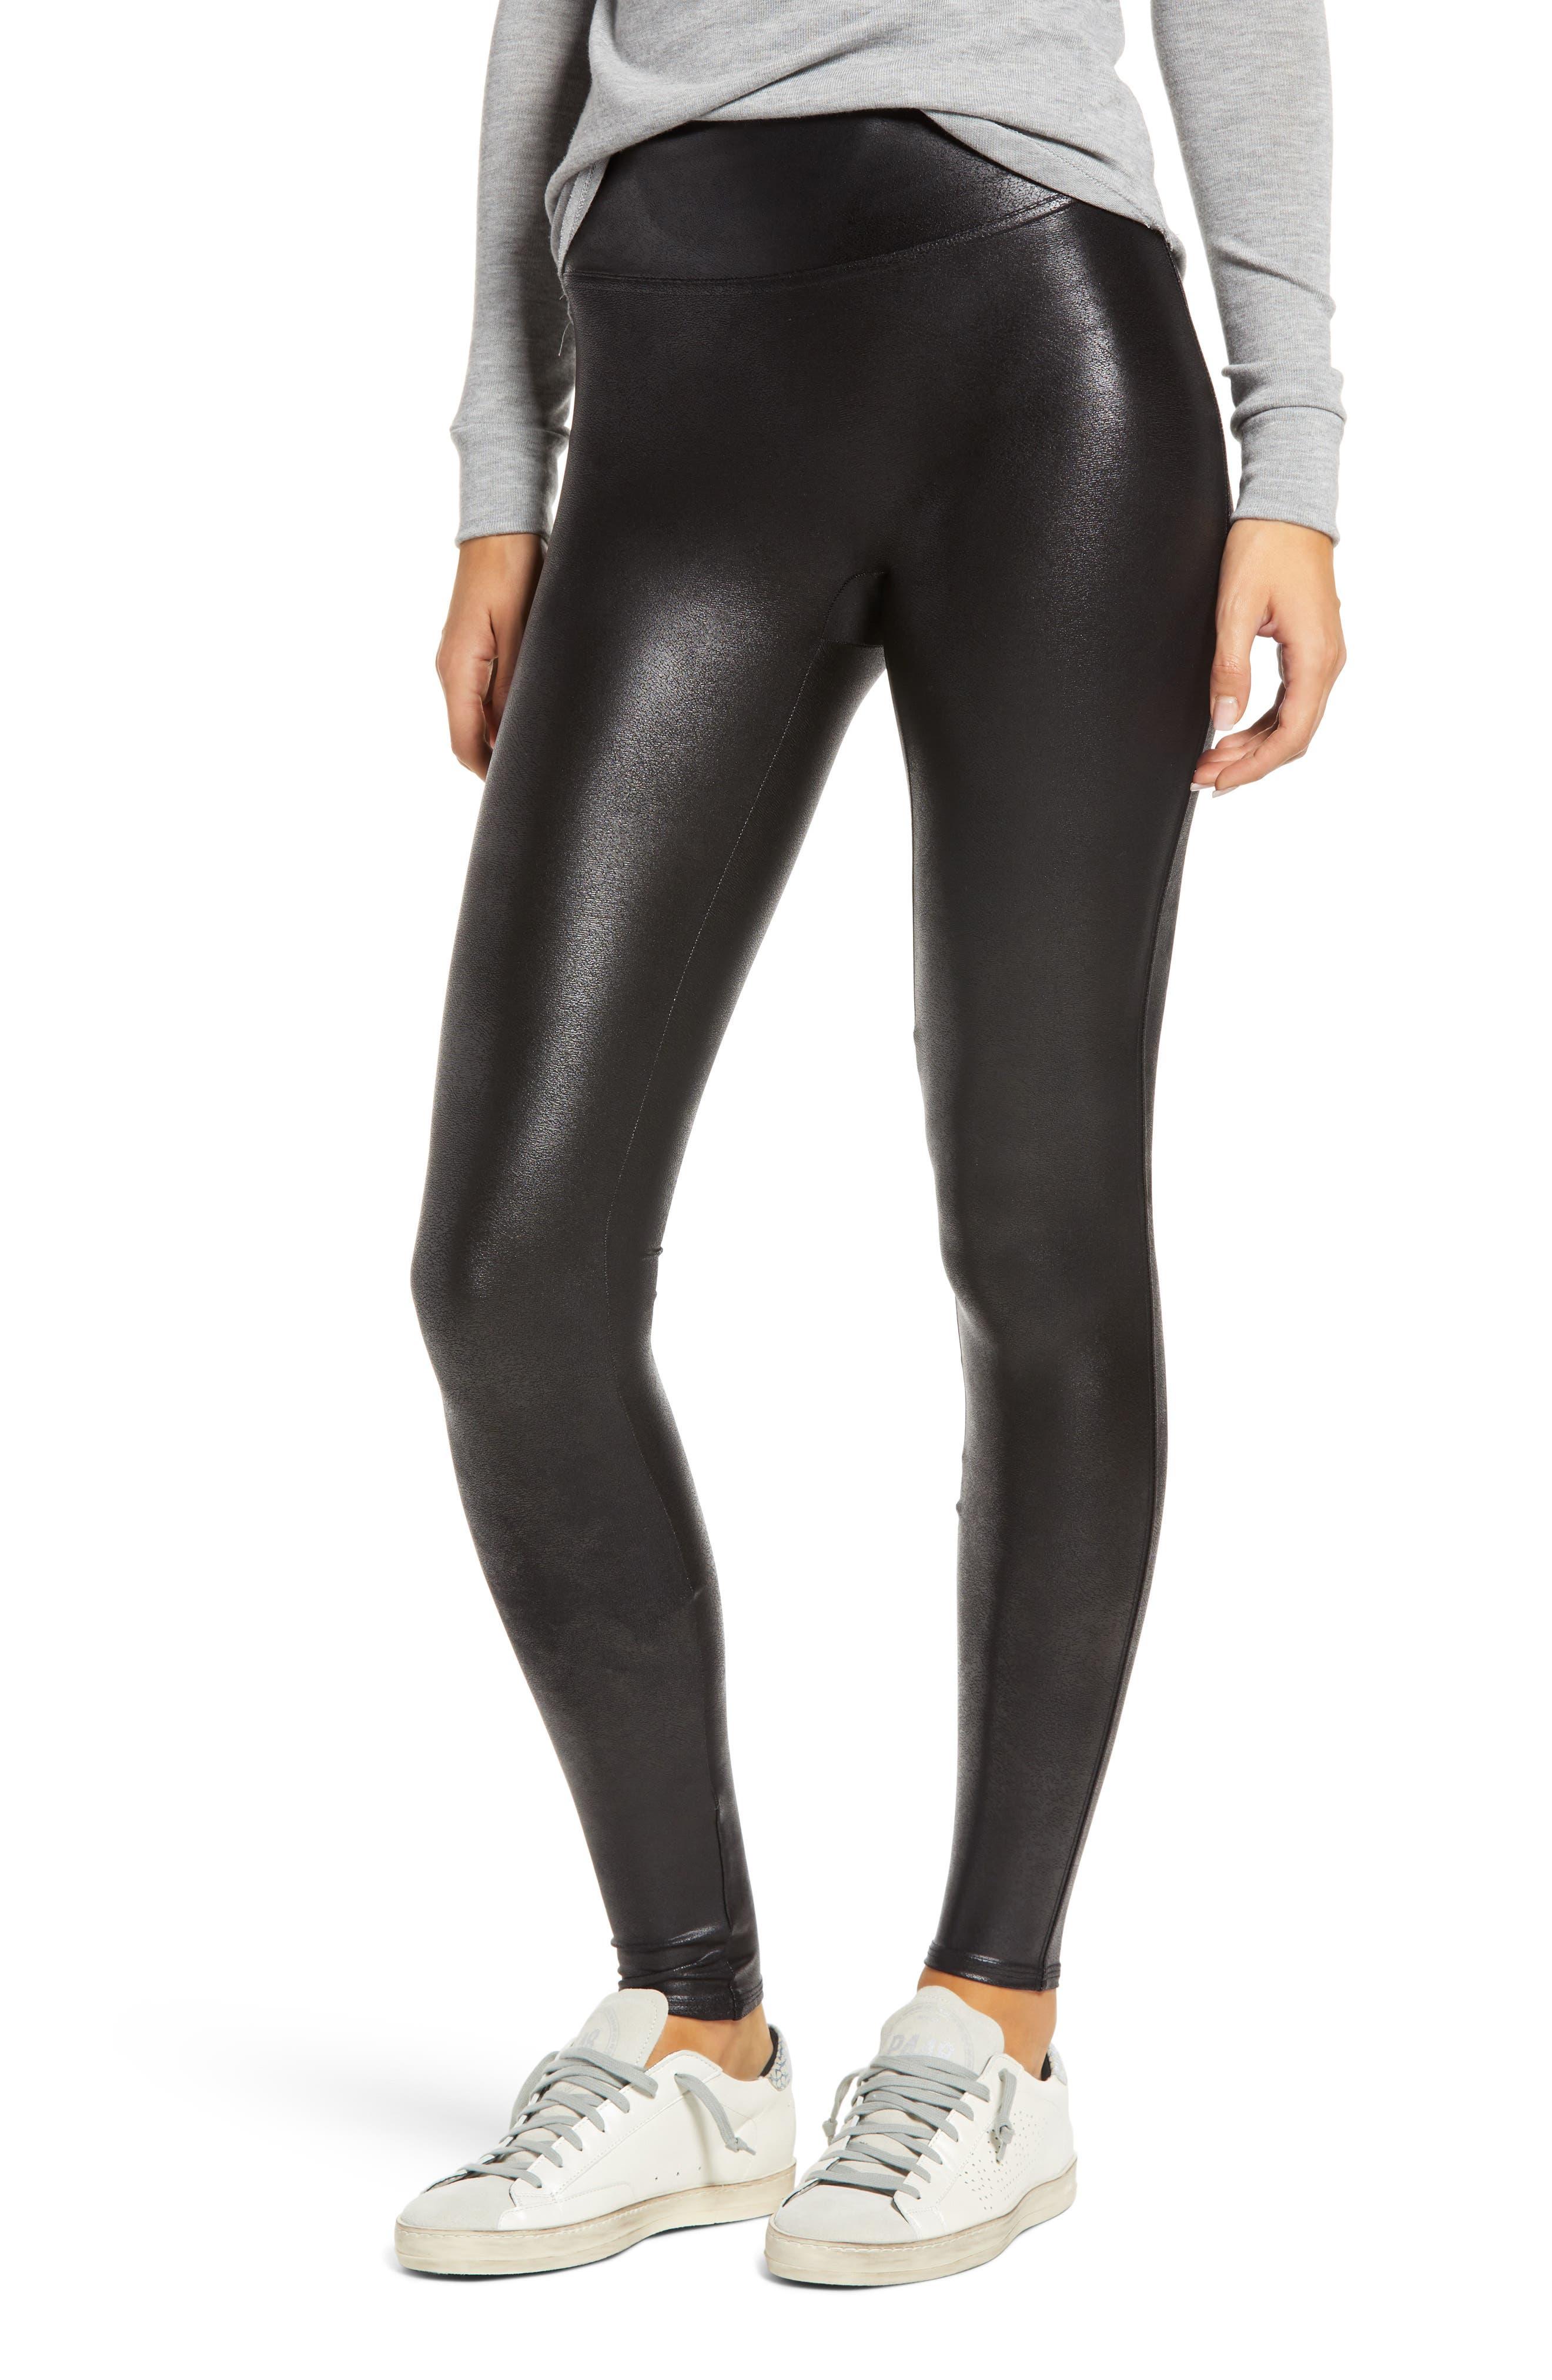 Oak Vegan Leather Pant Black